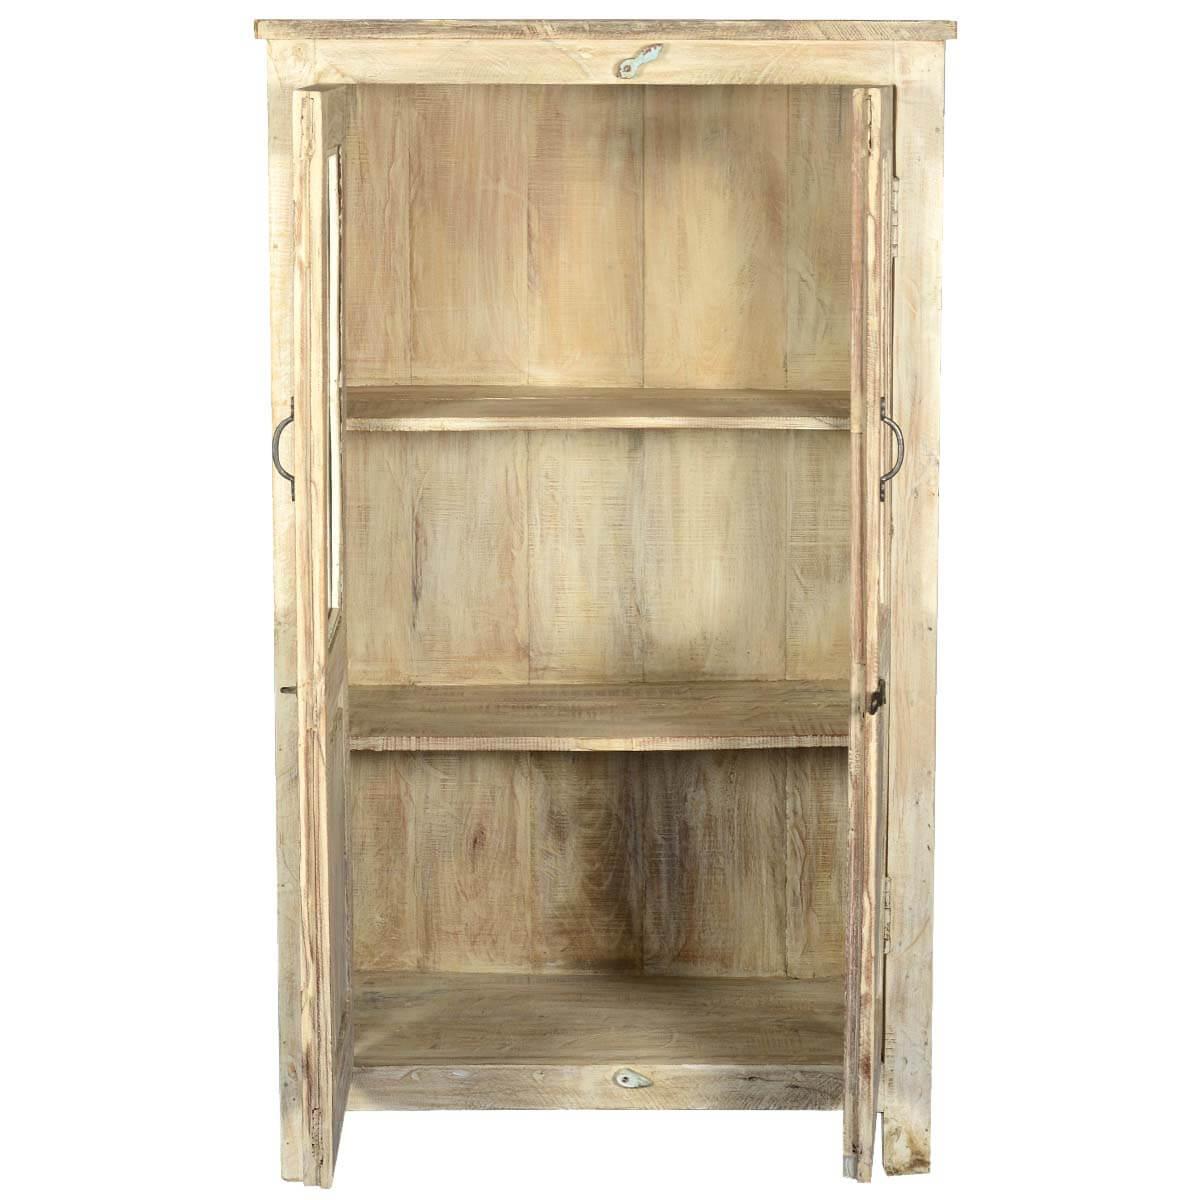 2 Door Reclaimed Wood Tall Storage Cabinet